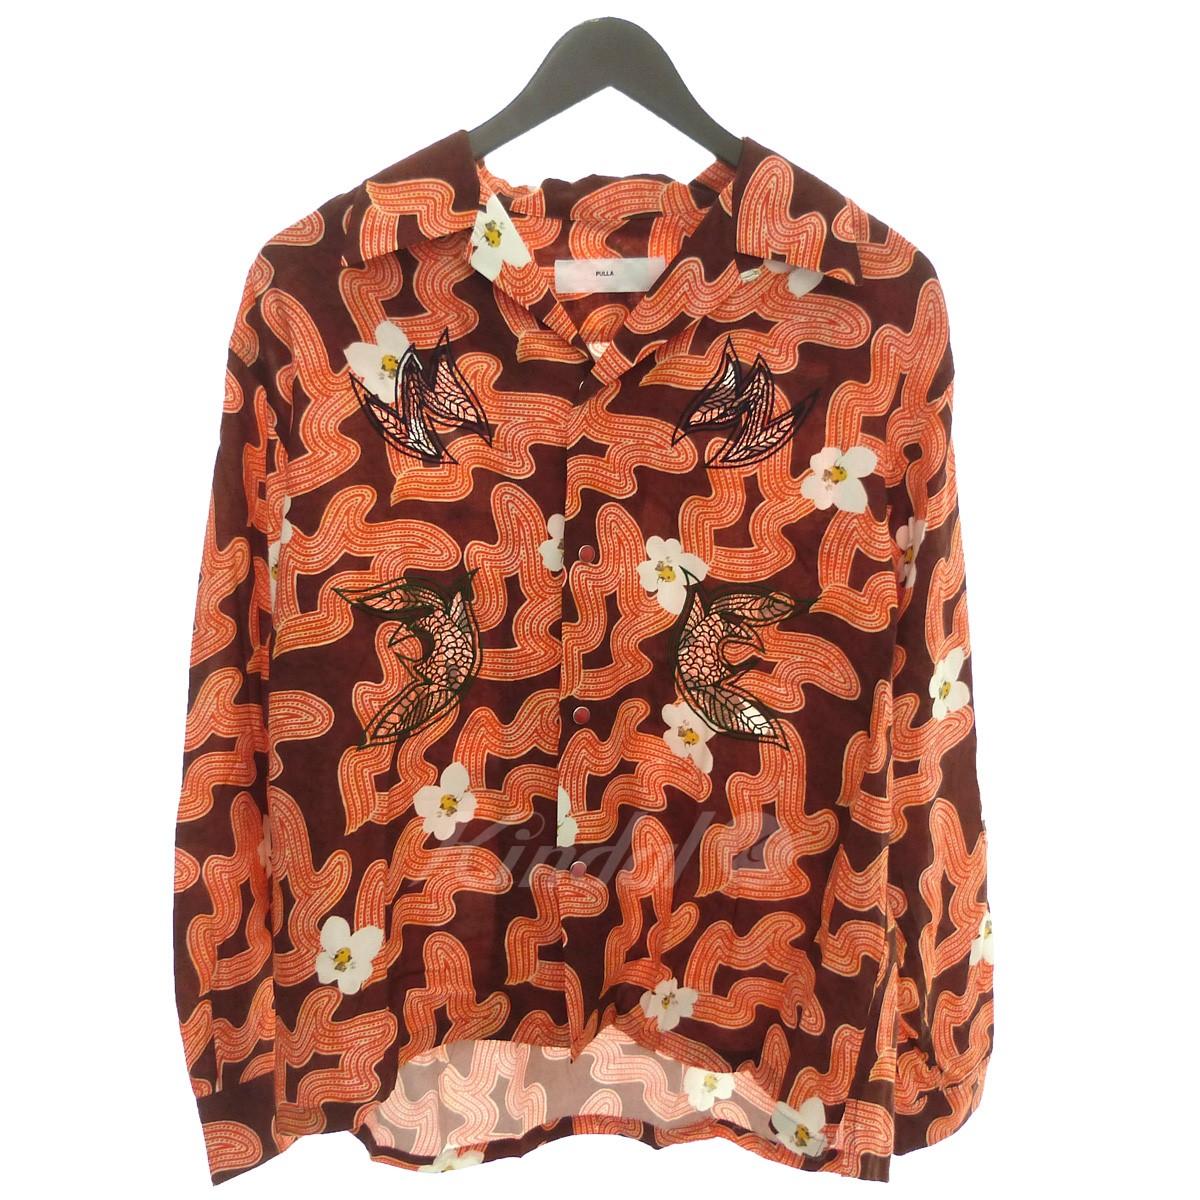 【中古】TOGA PULLA '18SS オープンカラーシャツ ブラウン×オレンジ サイズ:36 【送料無料】 【280319】(トーガ プルラ)